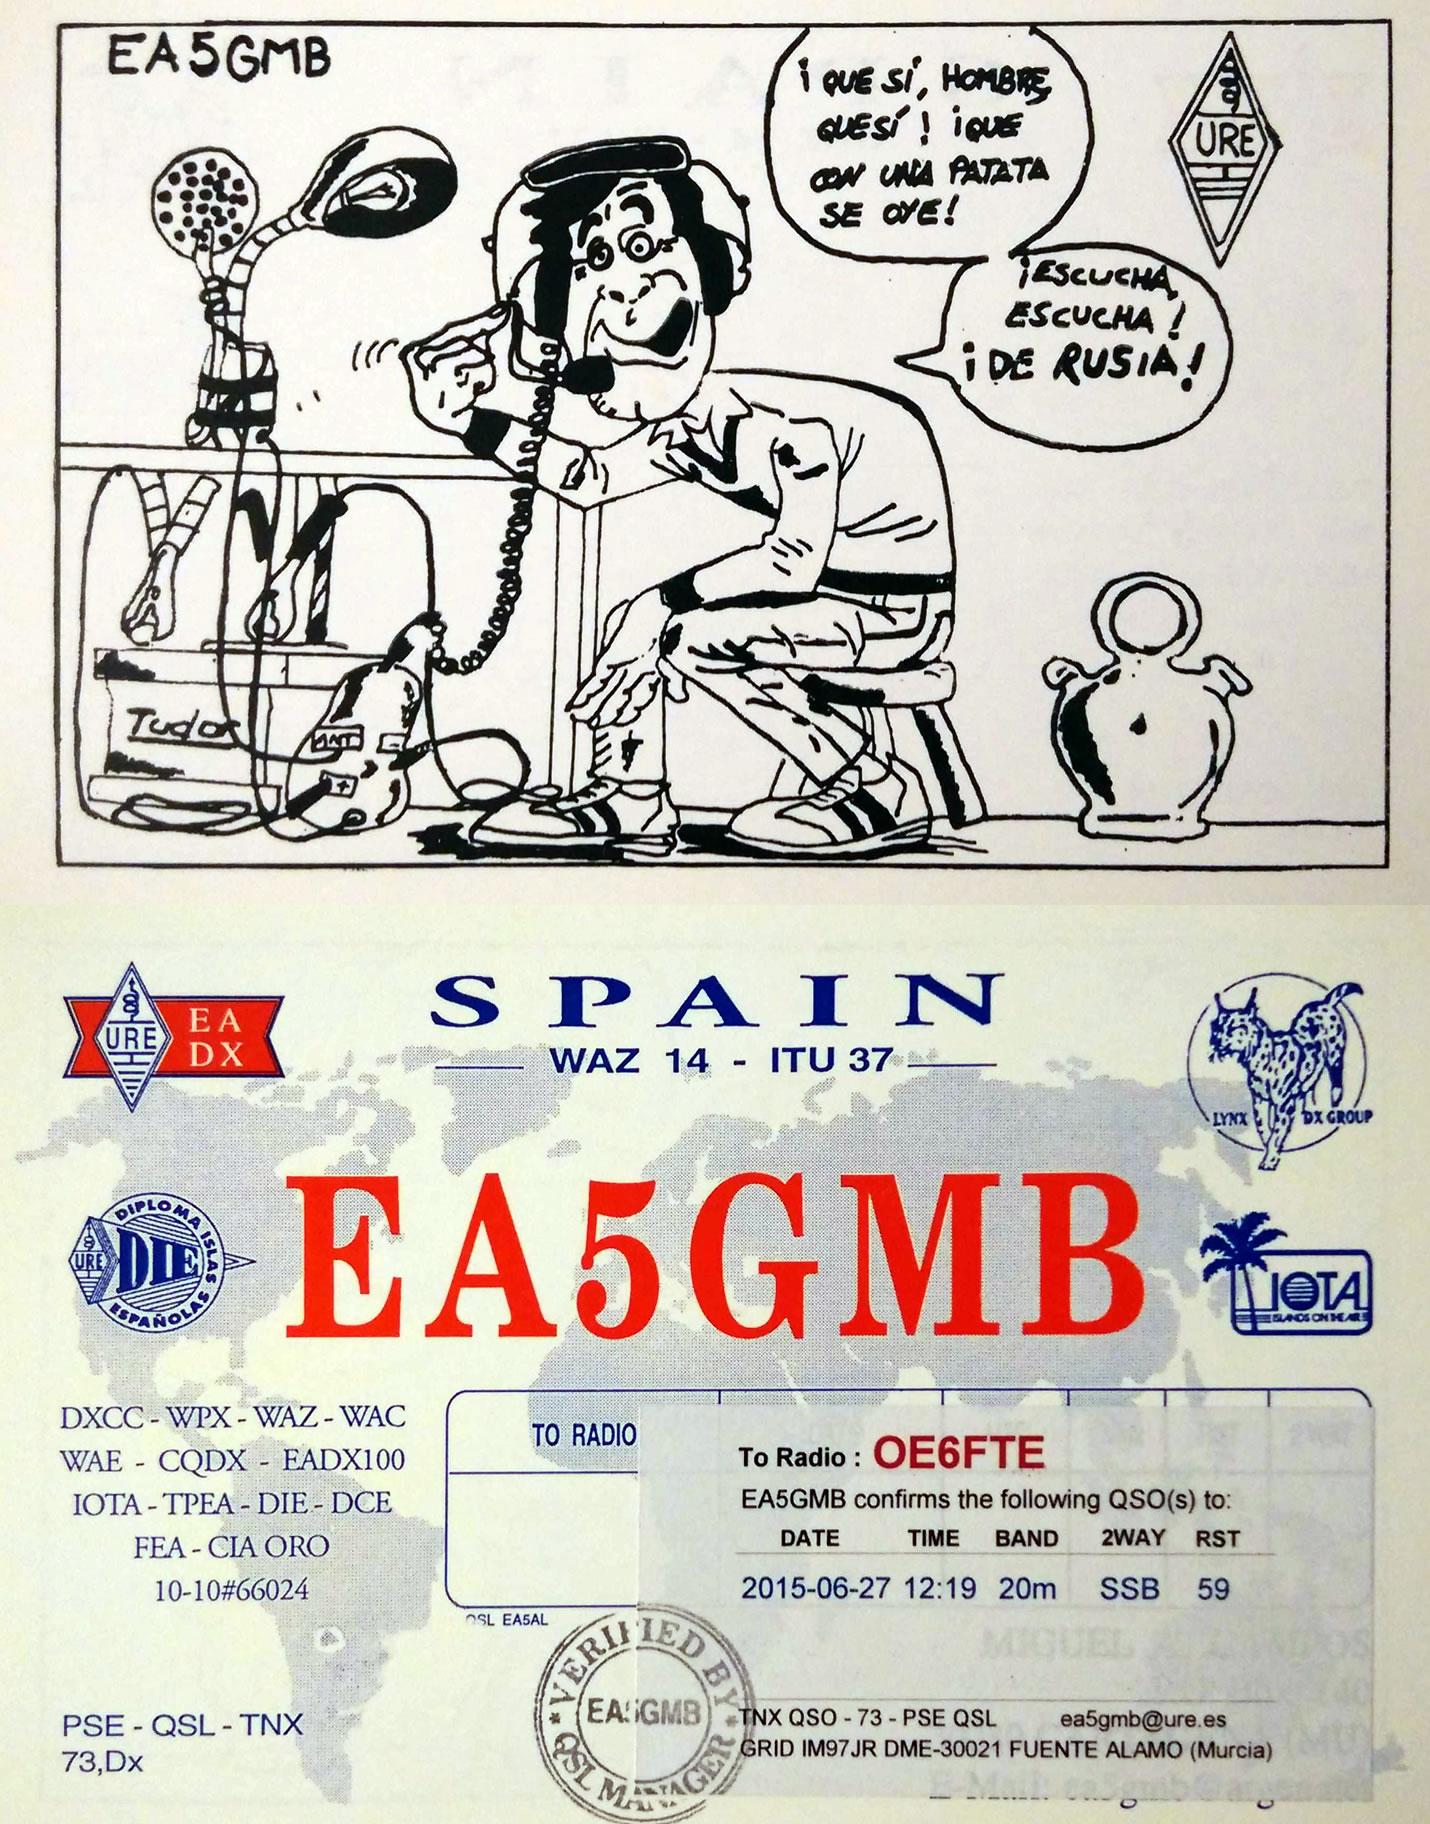 EA5GMB